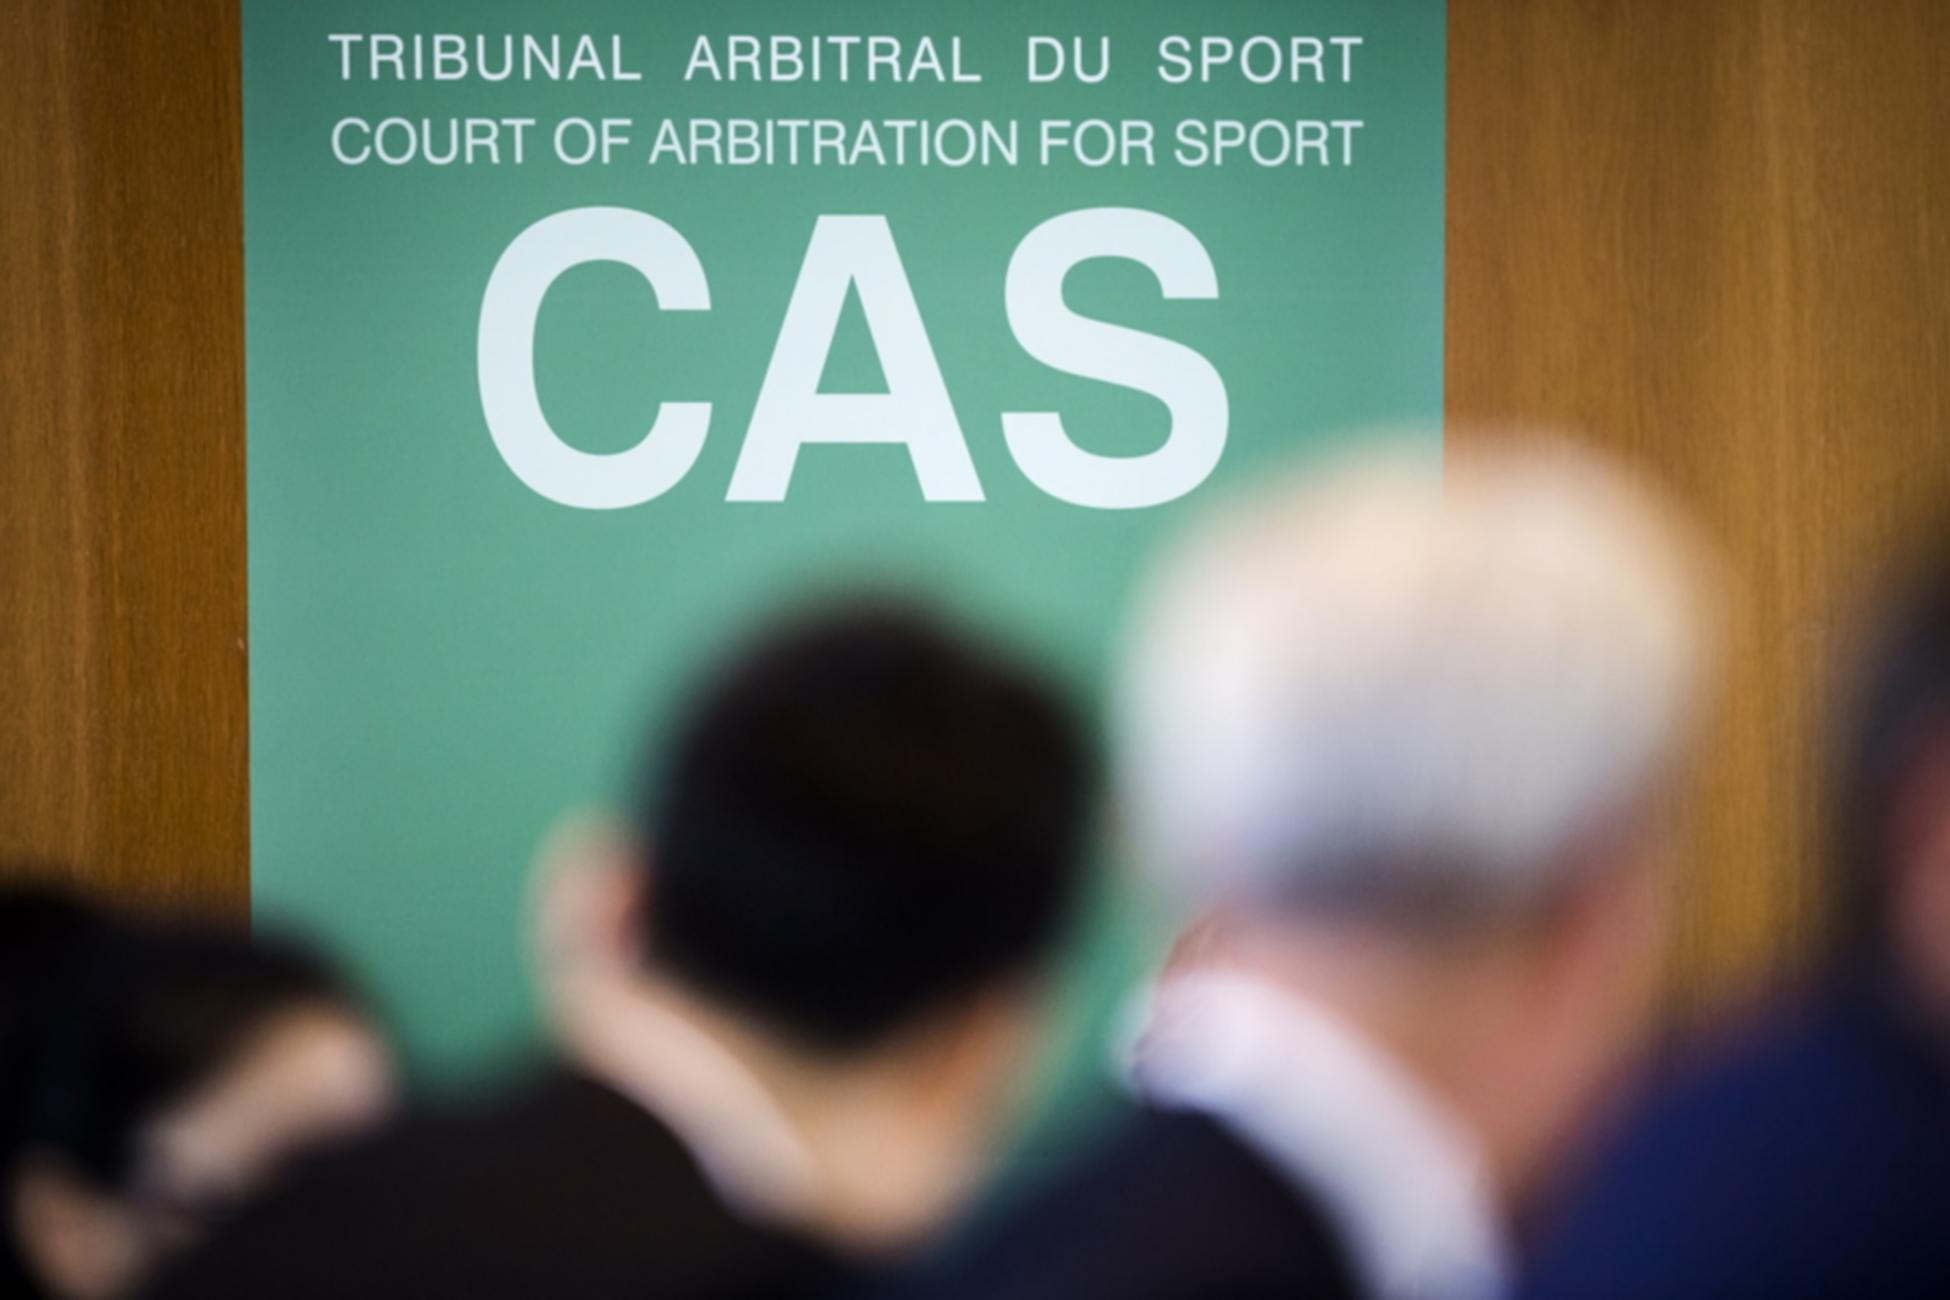 Ολυμπιακός – ΠΑΟΚ: Ολοκληρώθηκε η εκδίκαση – μαμούθ στο CAS! Στις επόμενες 20 ημέρες η απόφαση